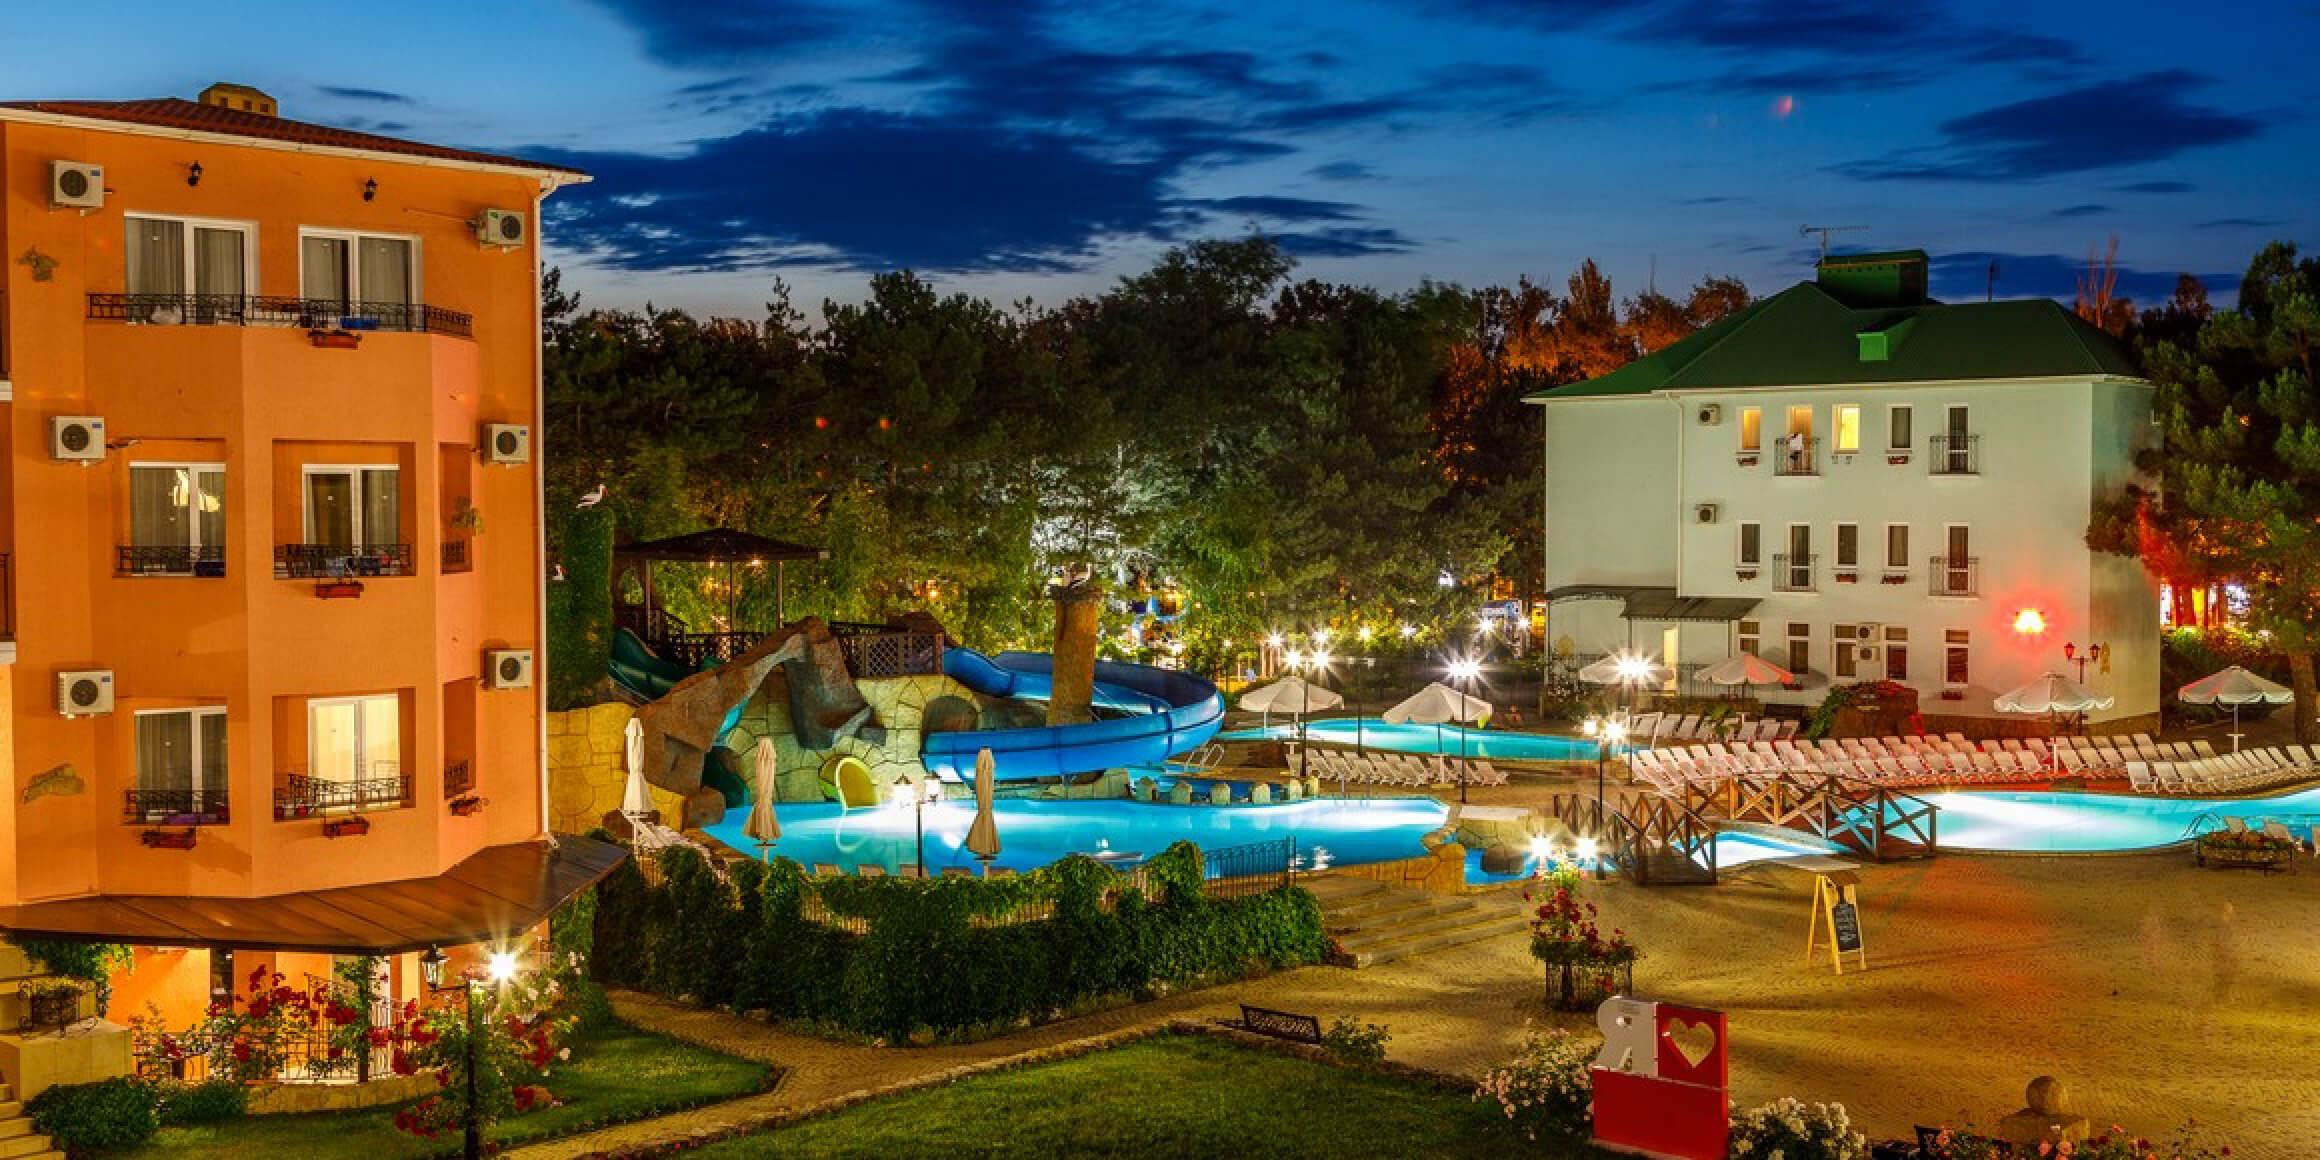 Ривьера – лучший олинклюзив отель для семейного отдыха в Анапе